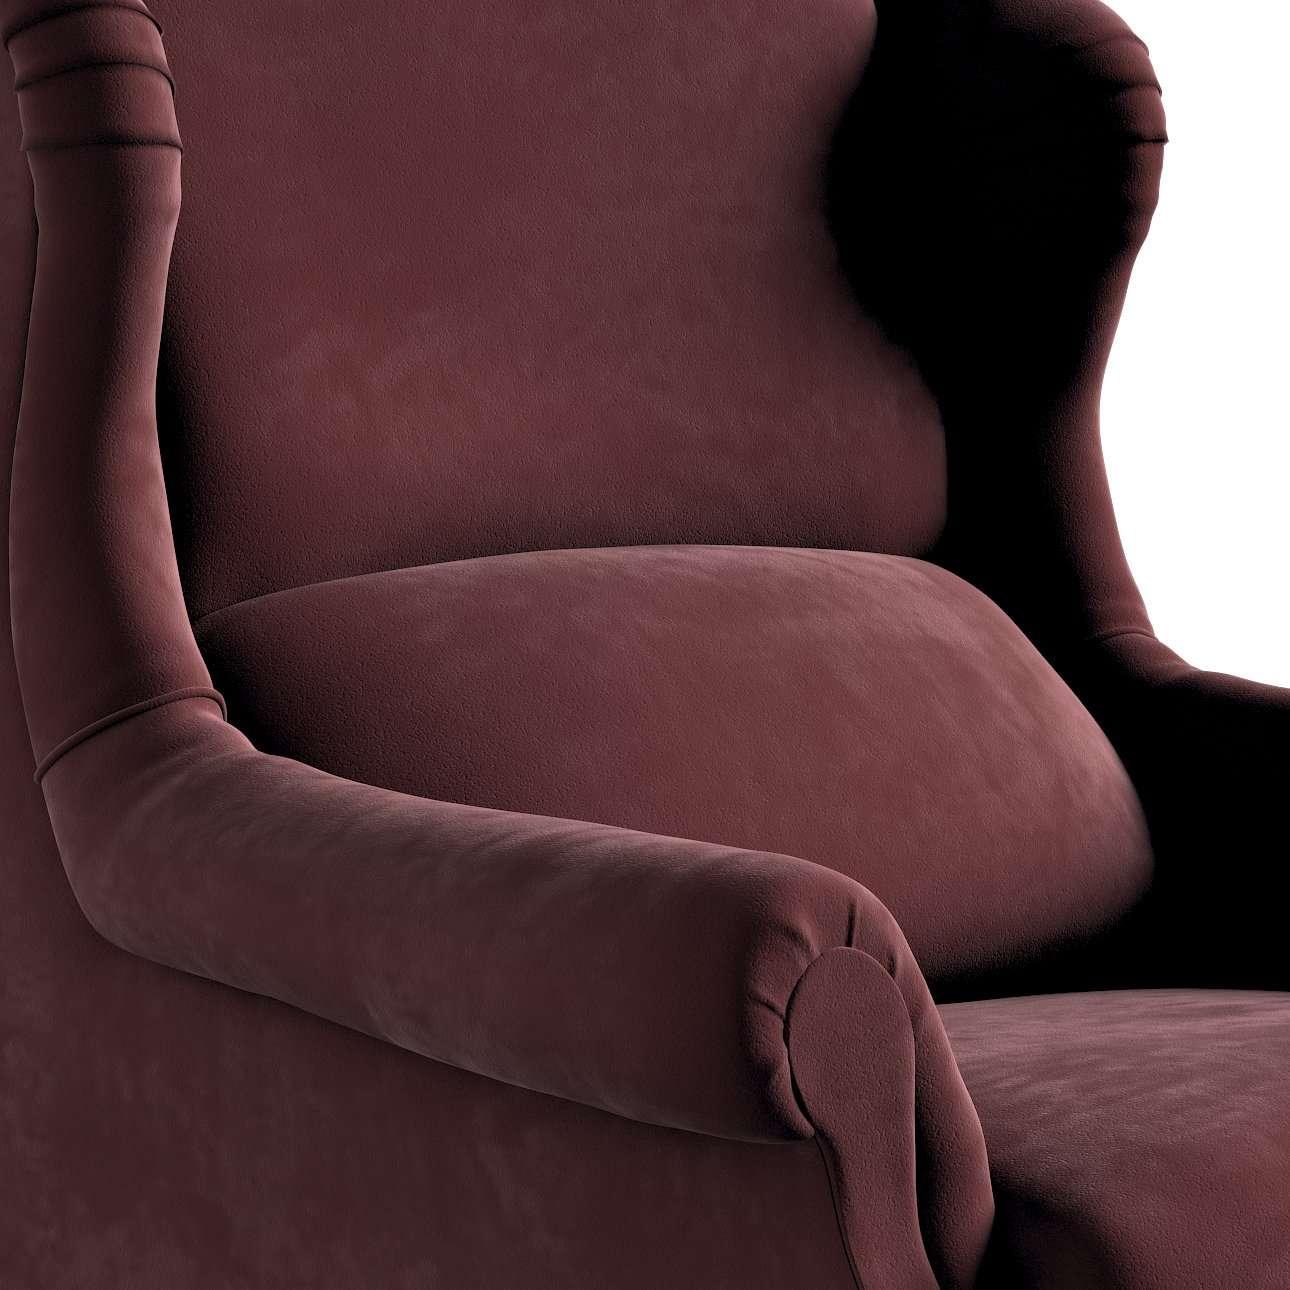 Fotel Unique w kolekcji Velvet, tkanina: 704-26